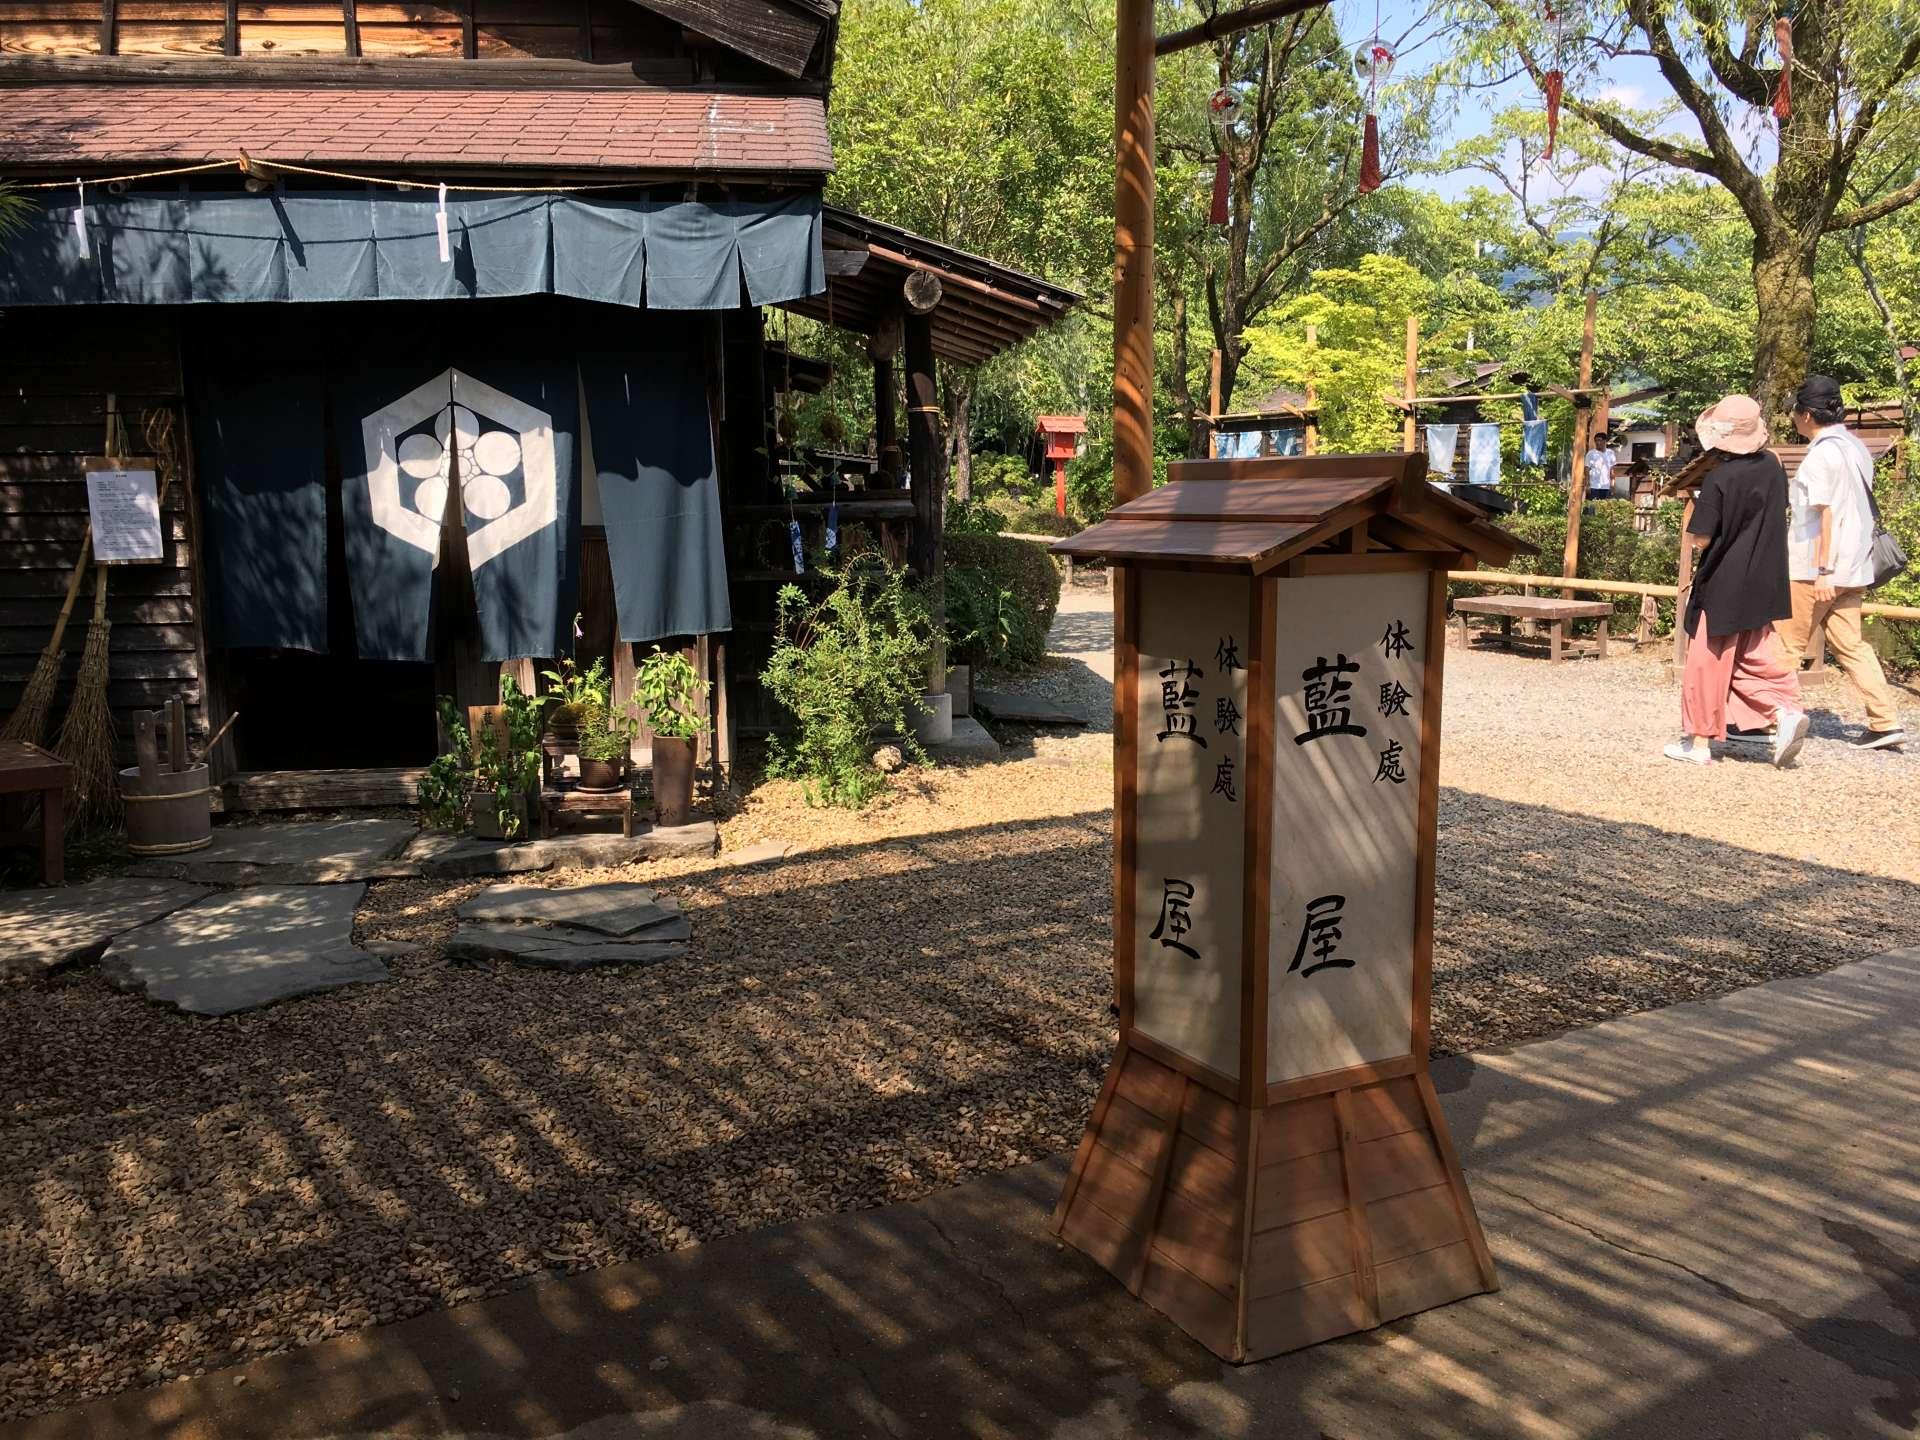 日本傳統工藝藍染體驗處